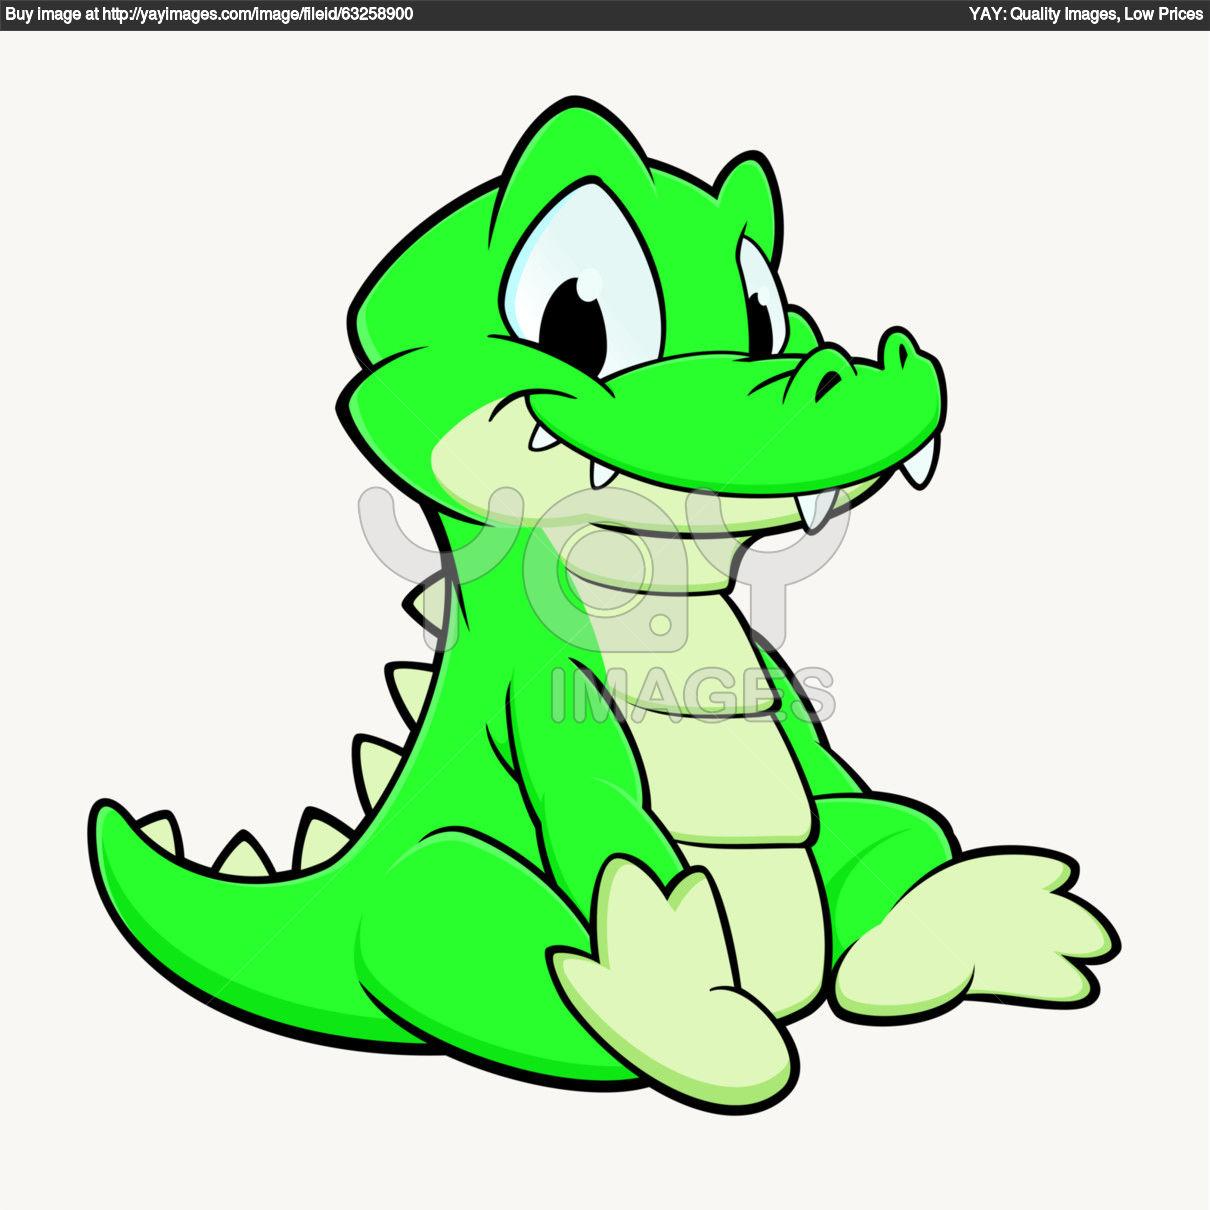 1210x1210 Crocodile Cartoon Drawing Alligator Cartoon Crocodile Cartoons